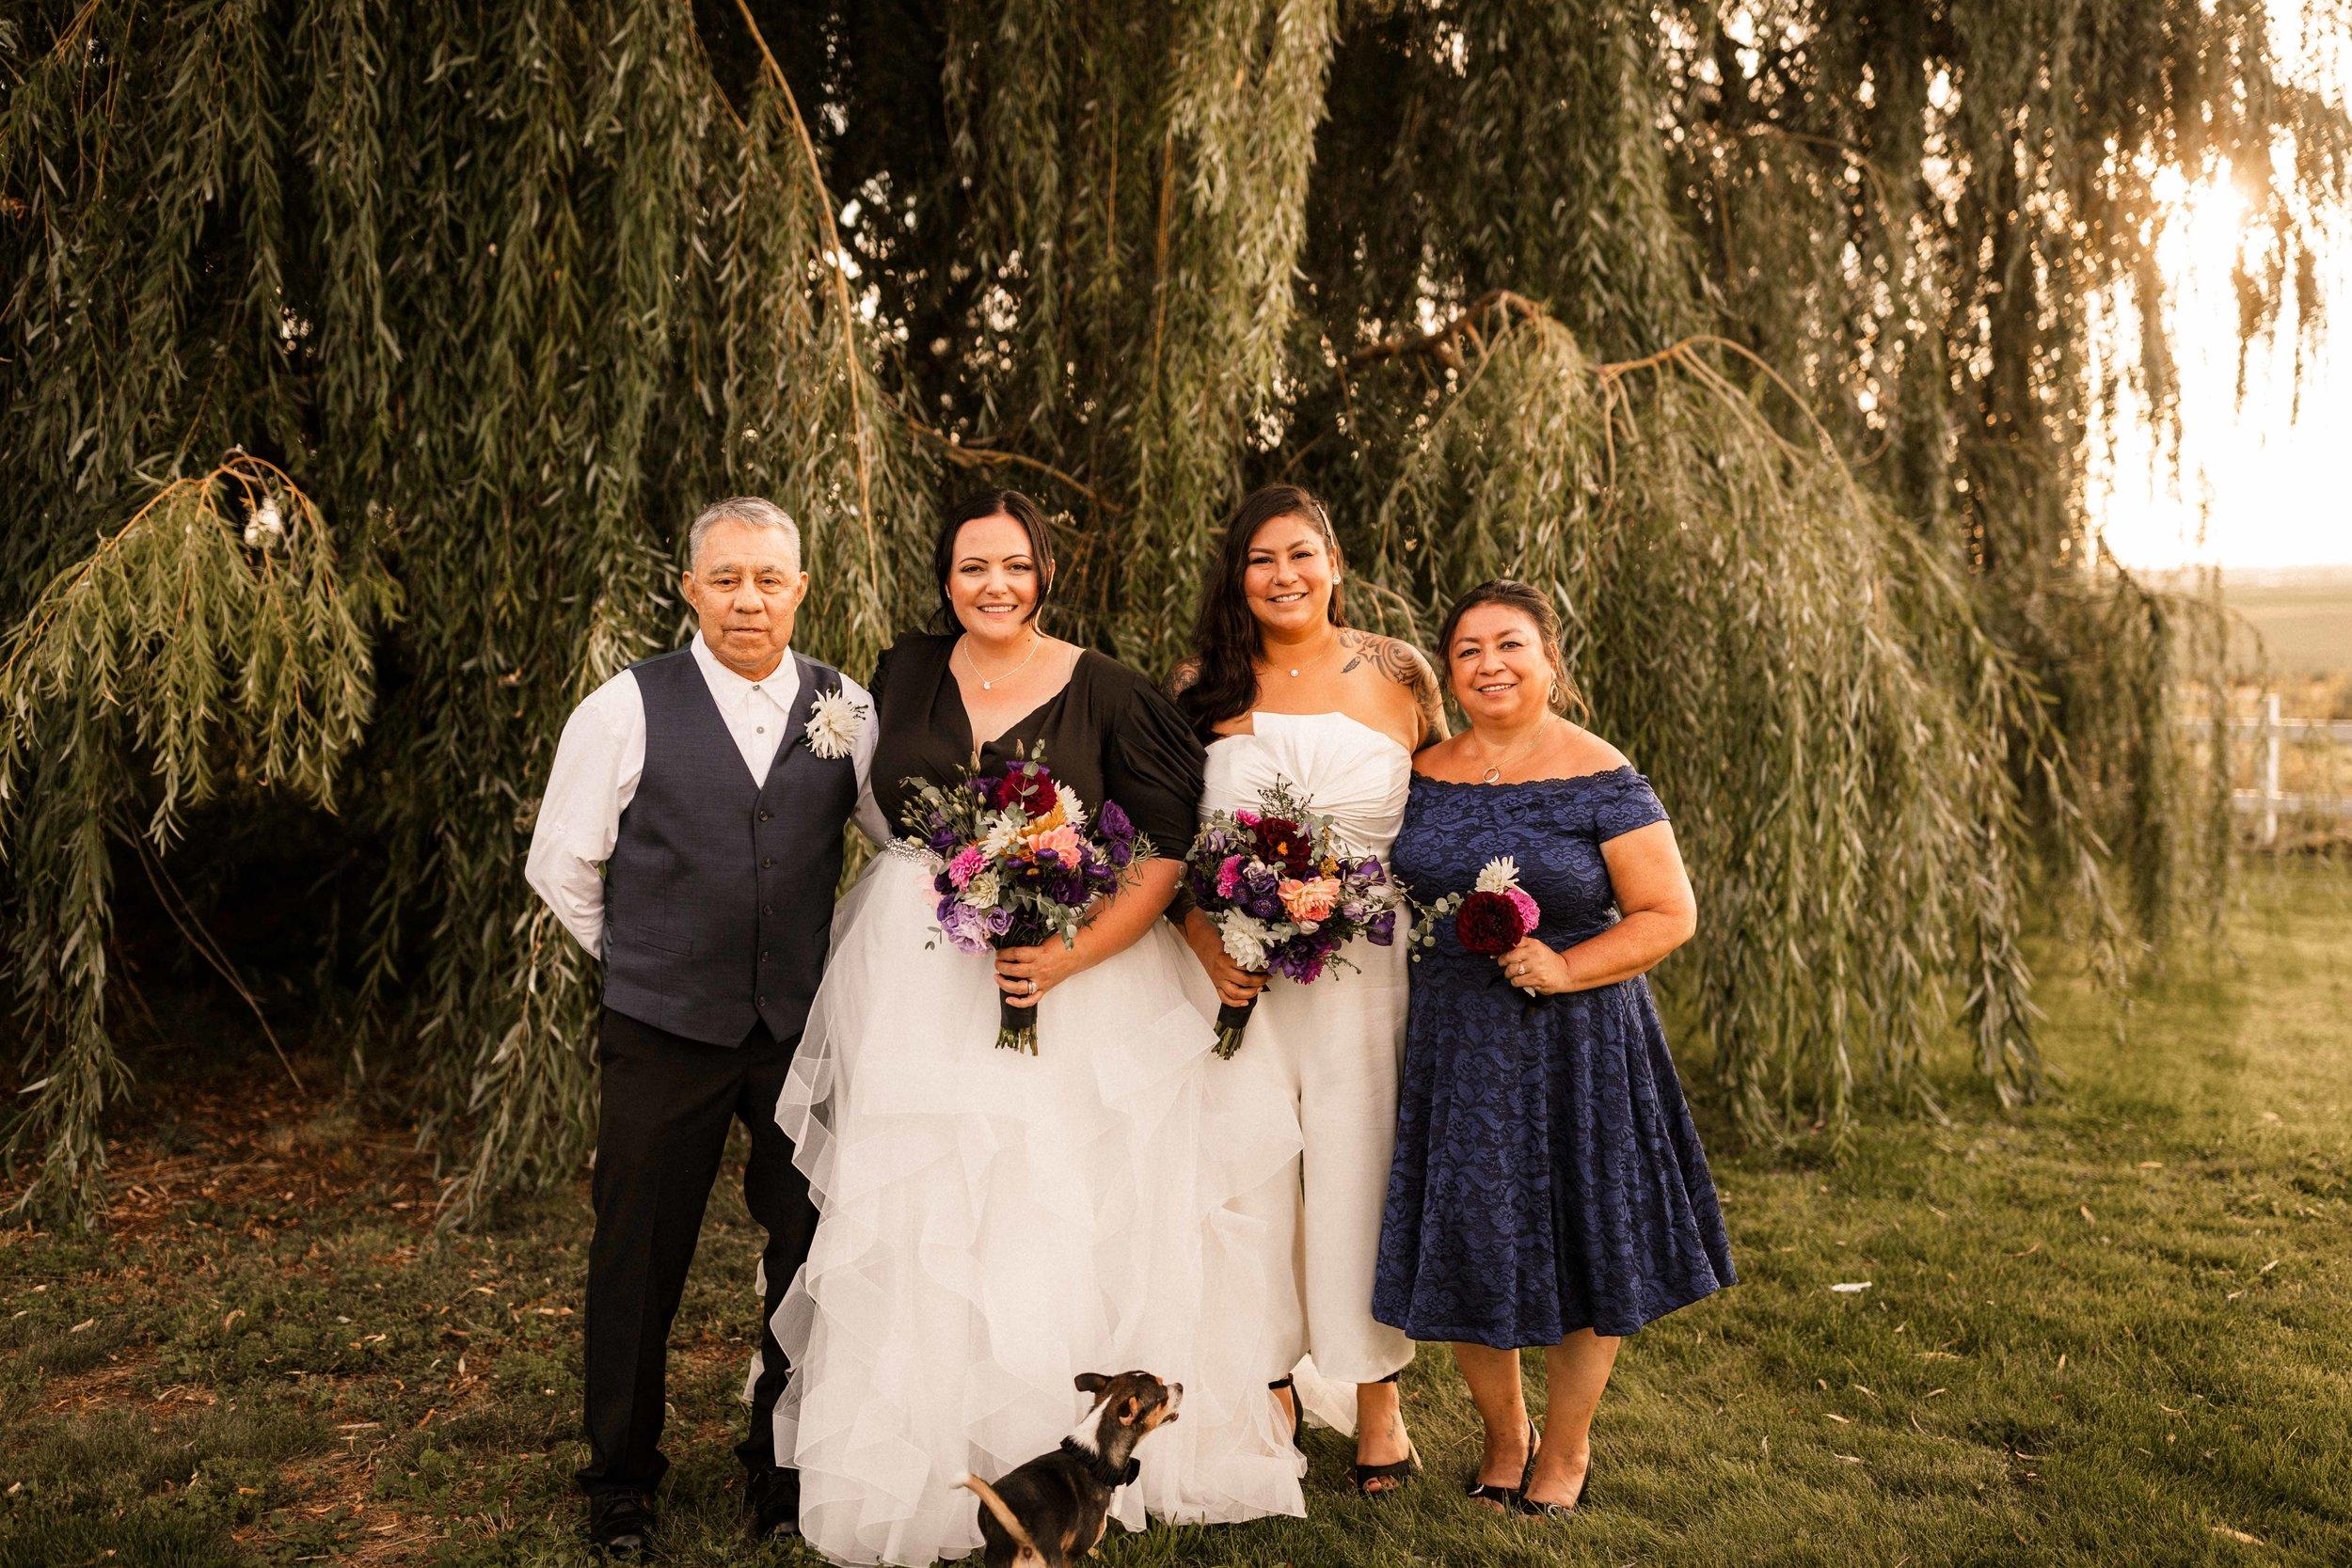 pasco-wedding-photos-36.jpg